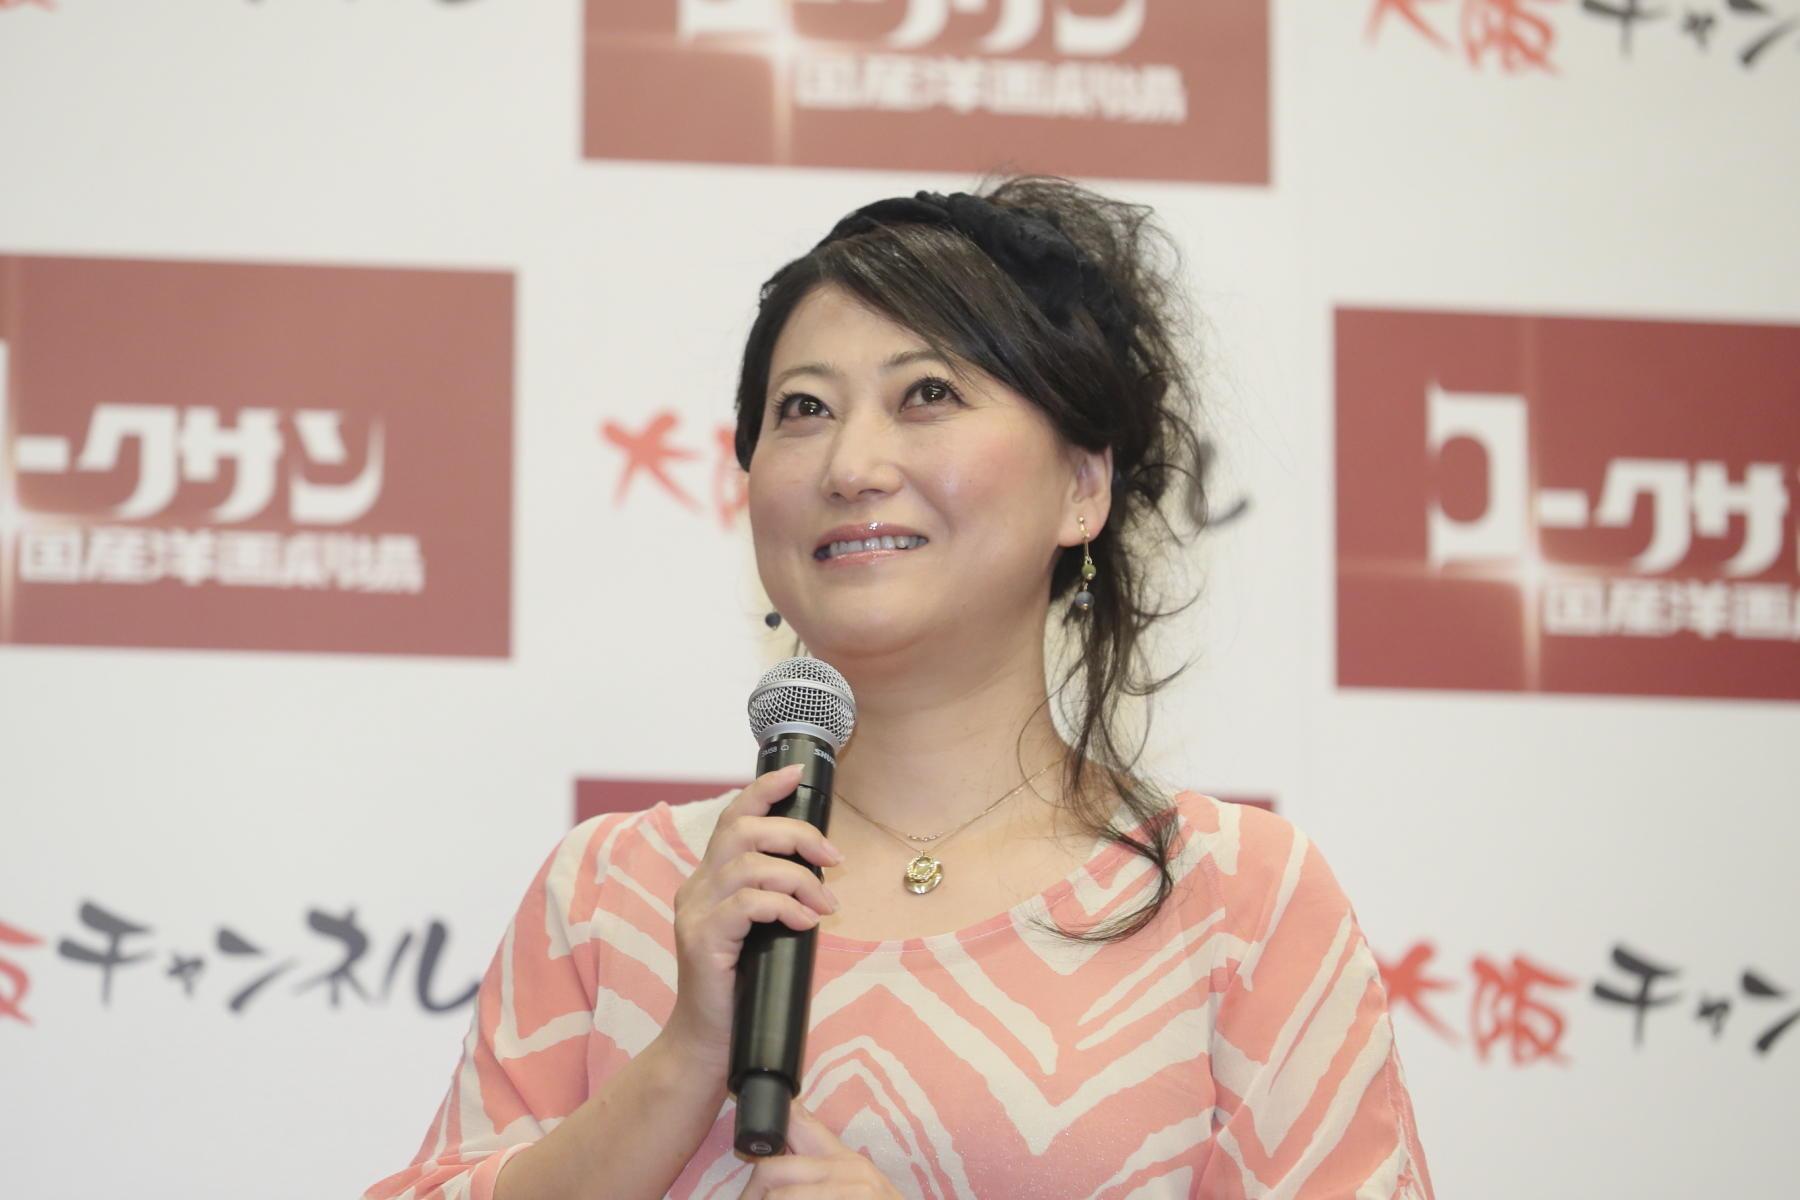 http://news.yoshimoto.co.jp/20180831164545-29cac84297e1849d0ef0e5ee38b2200b90cfef19.jpg